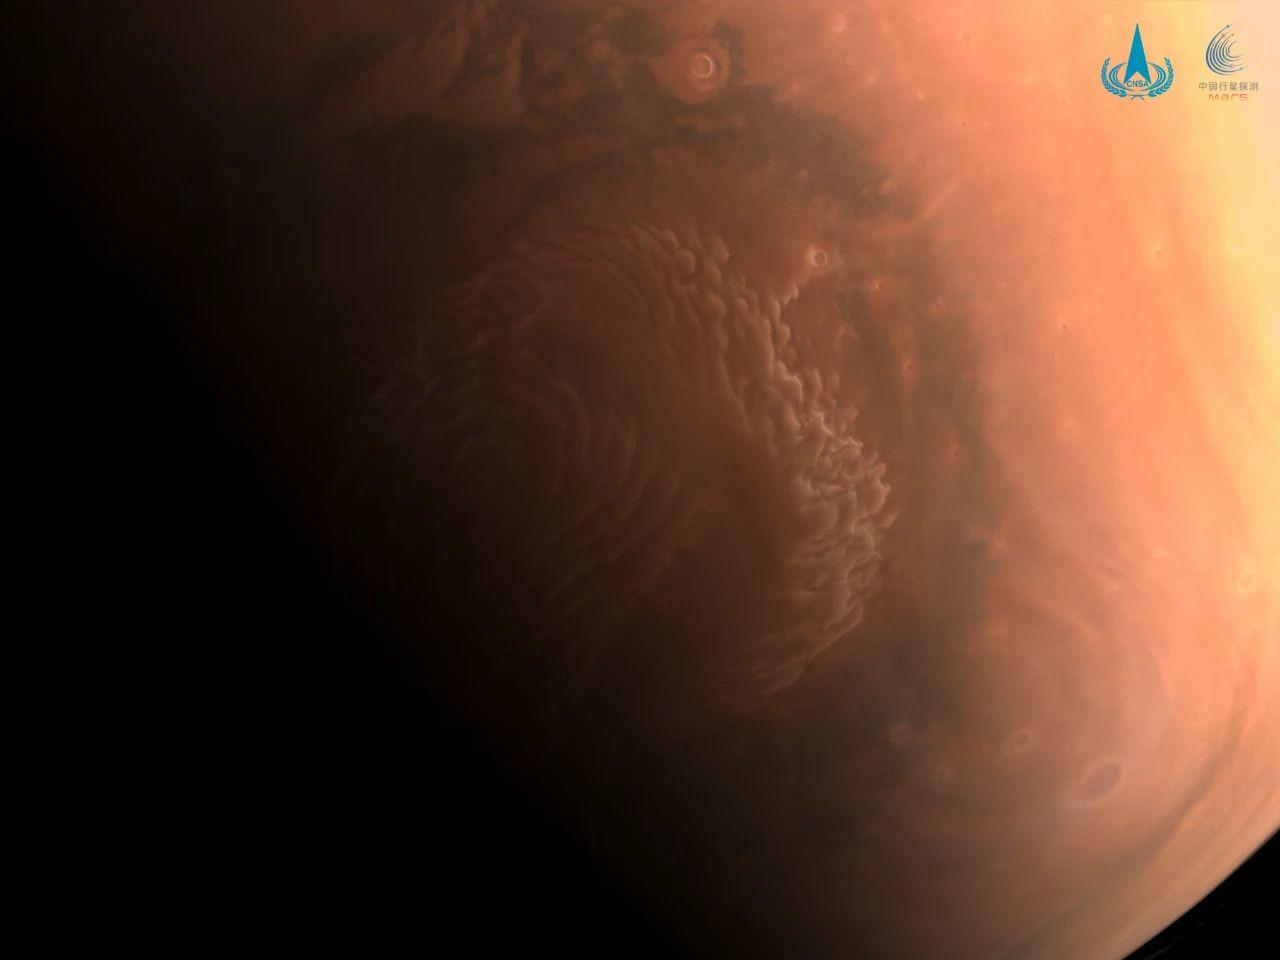 火星表面高清大图曝光!靓照来了~